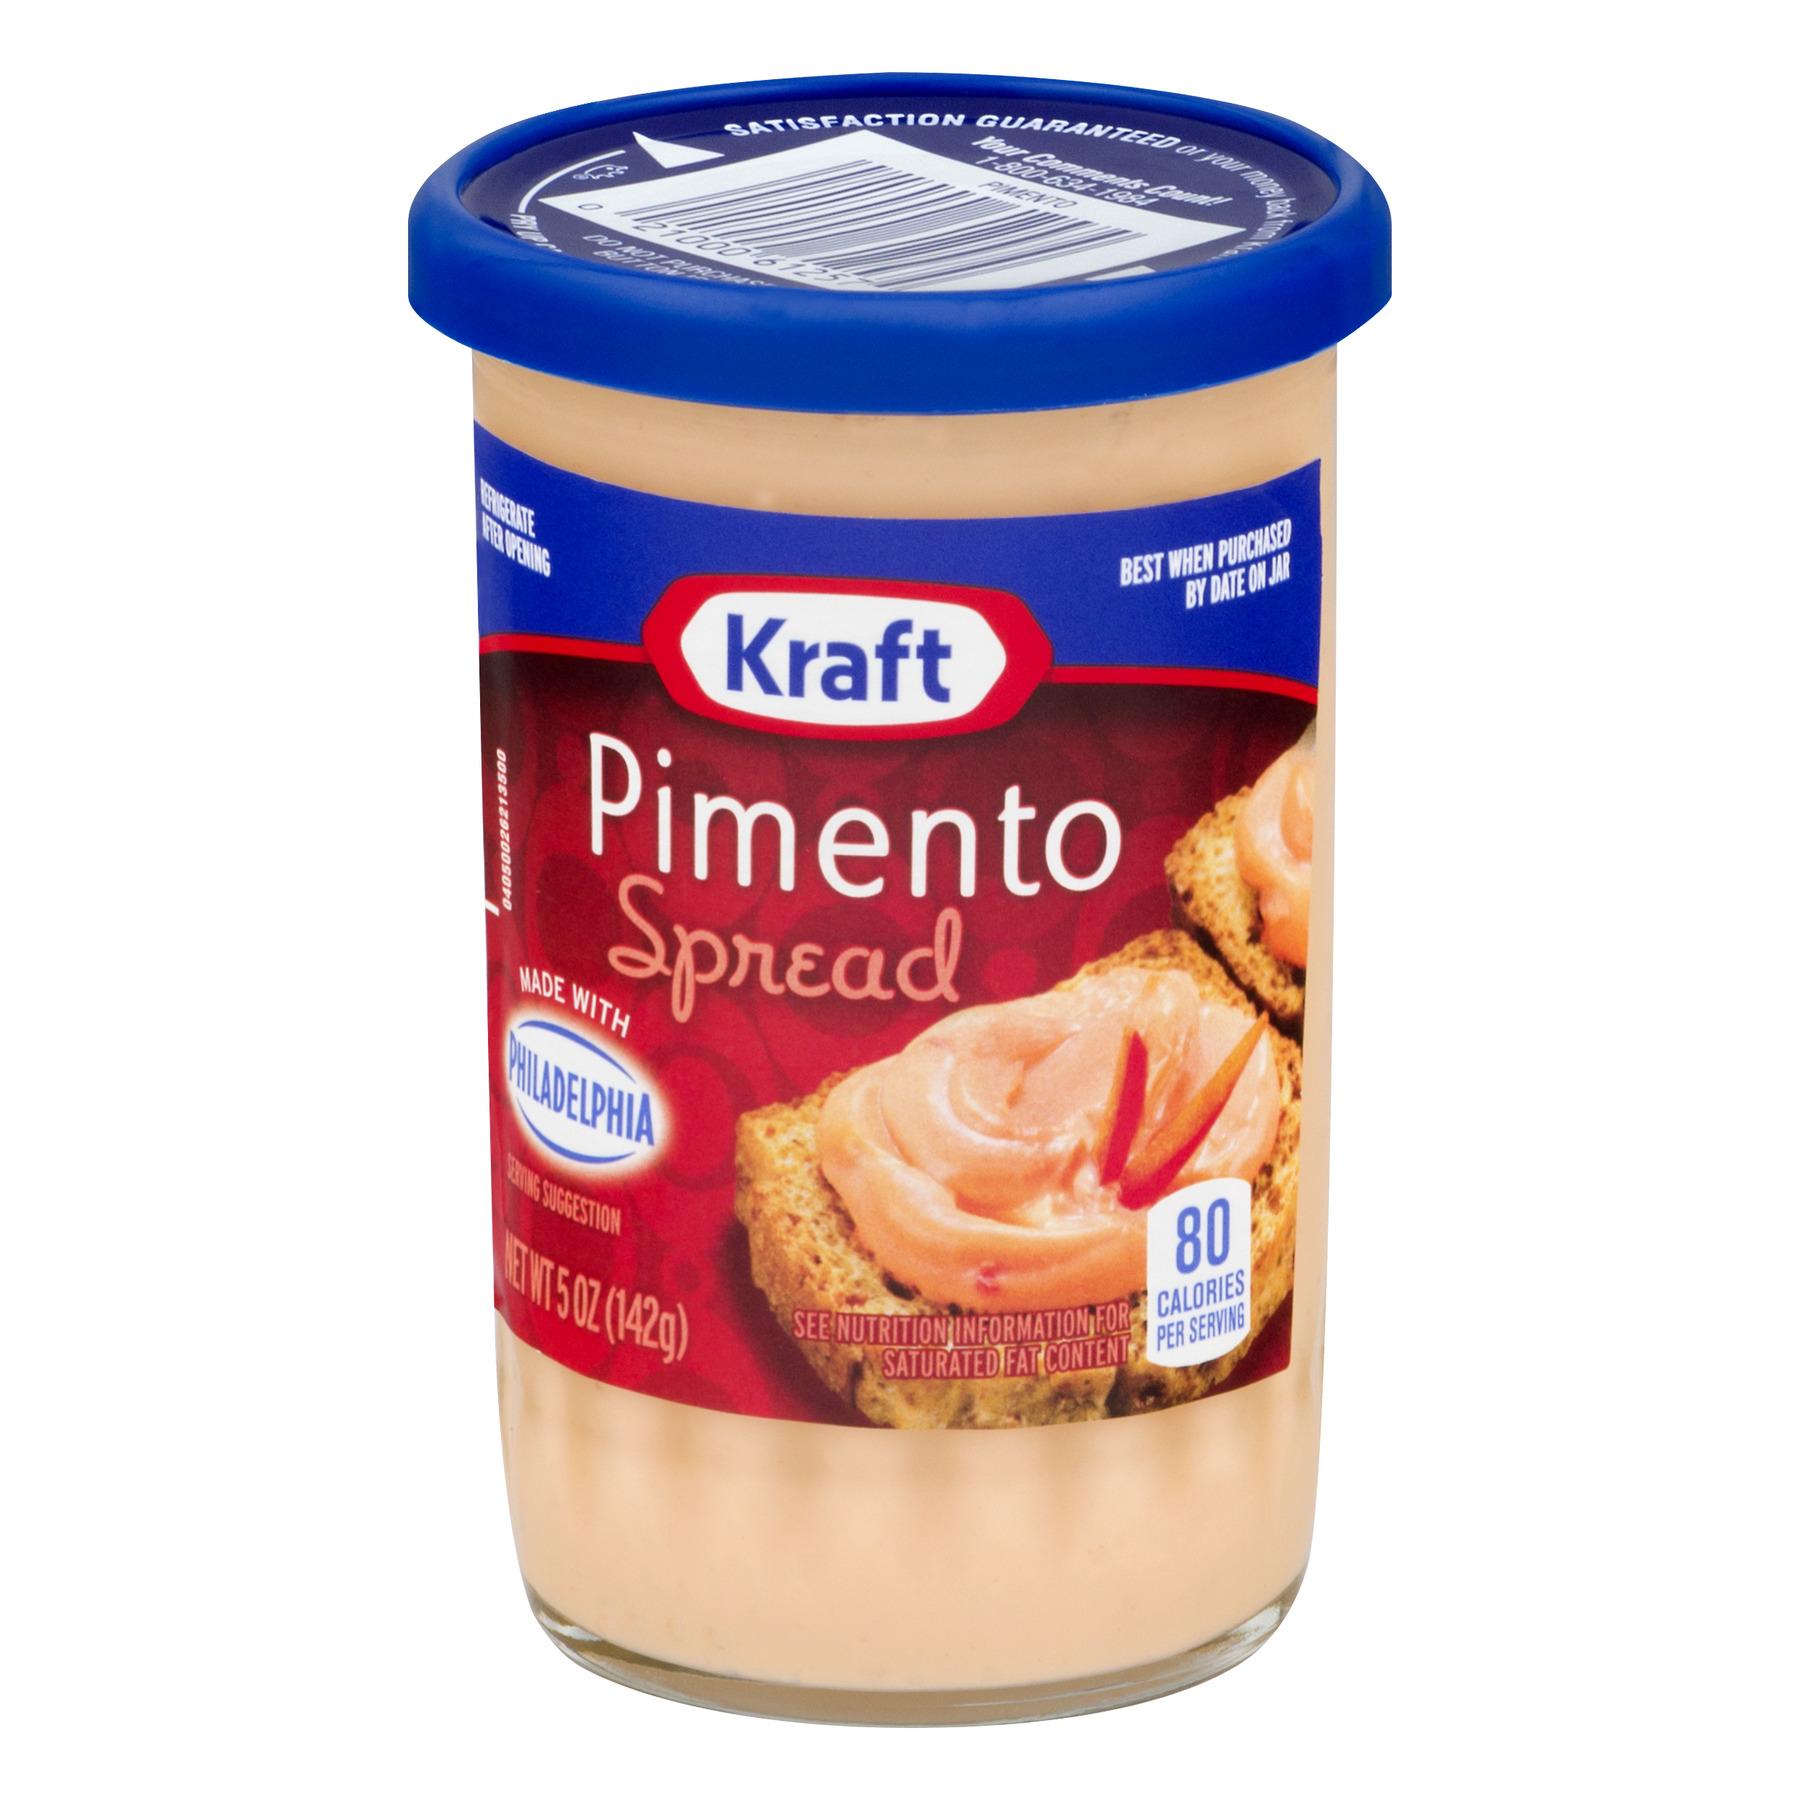 (2 Pack) Kraft Pimento Spread, 5 oz Jar